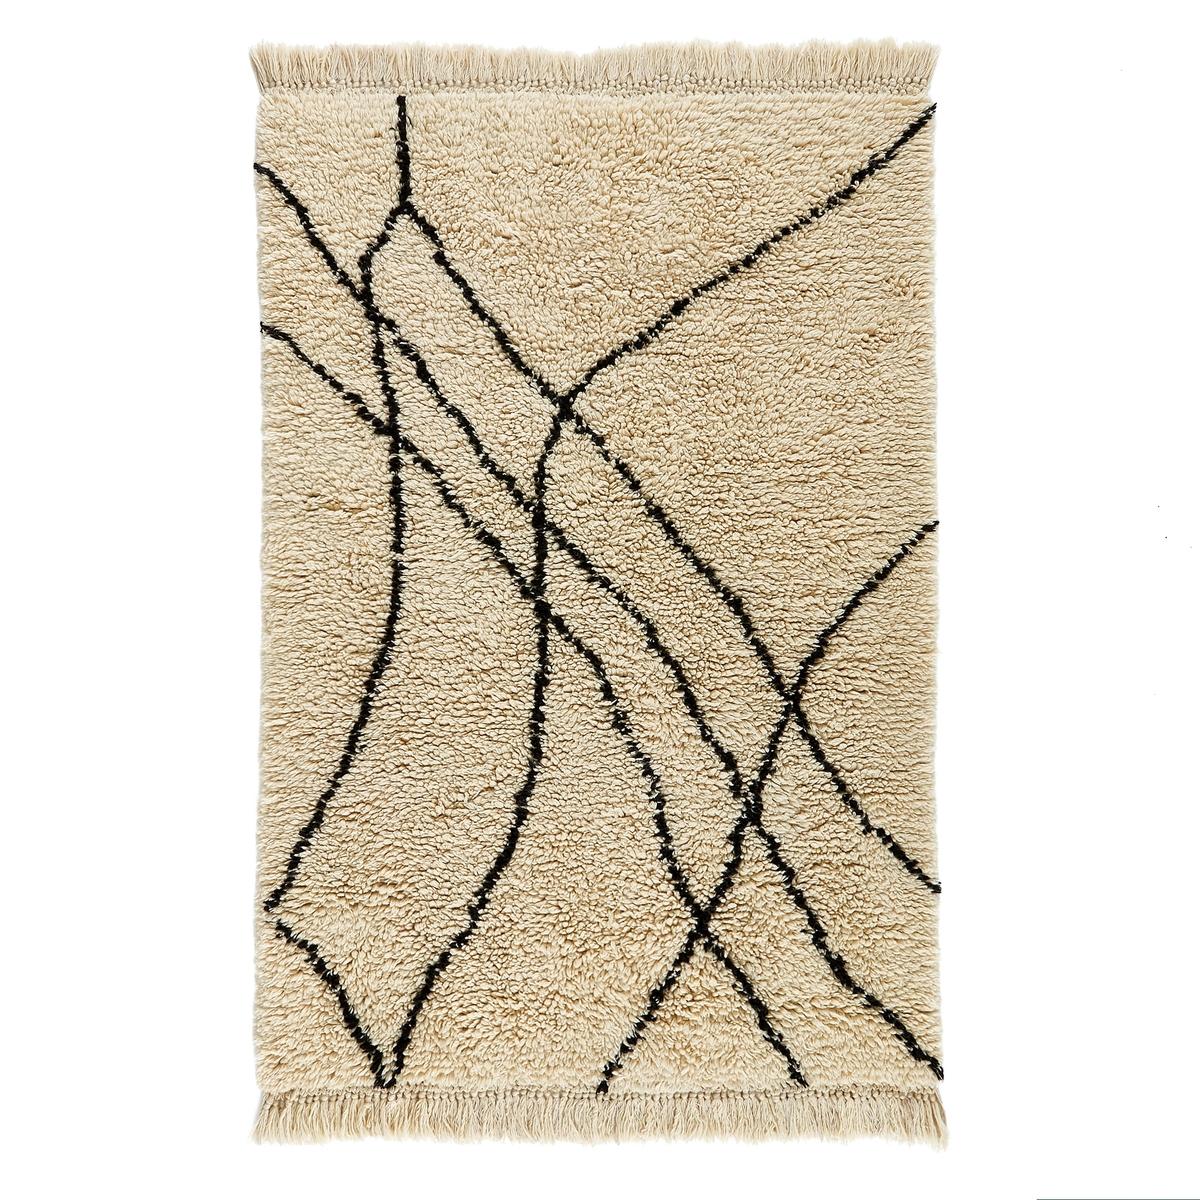 Ковер из шерсти в берберском стиле, Louka ковер в берберском стиле из шерсти tekouma